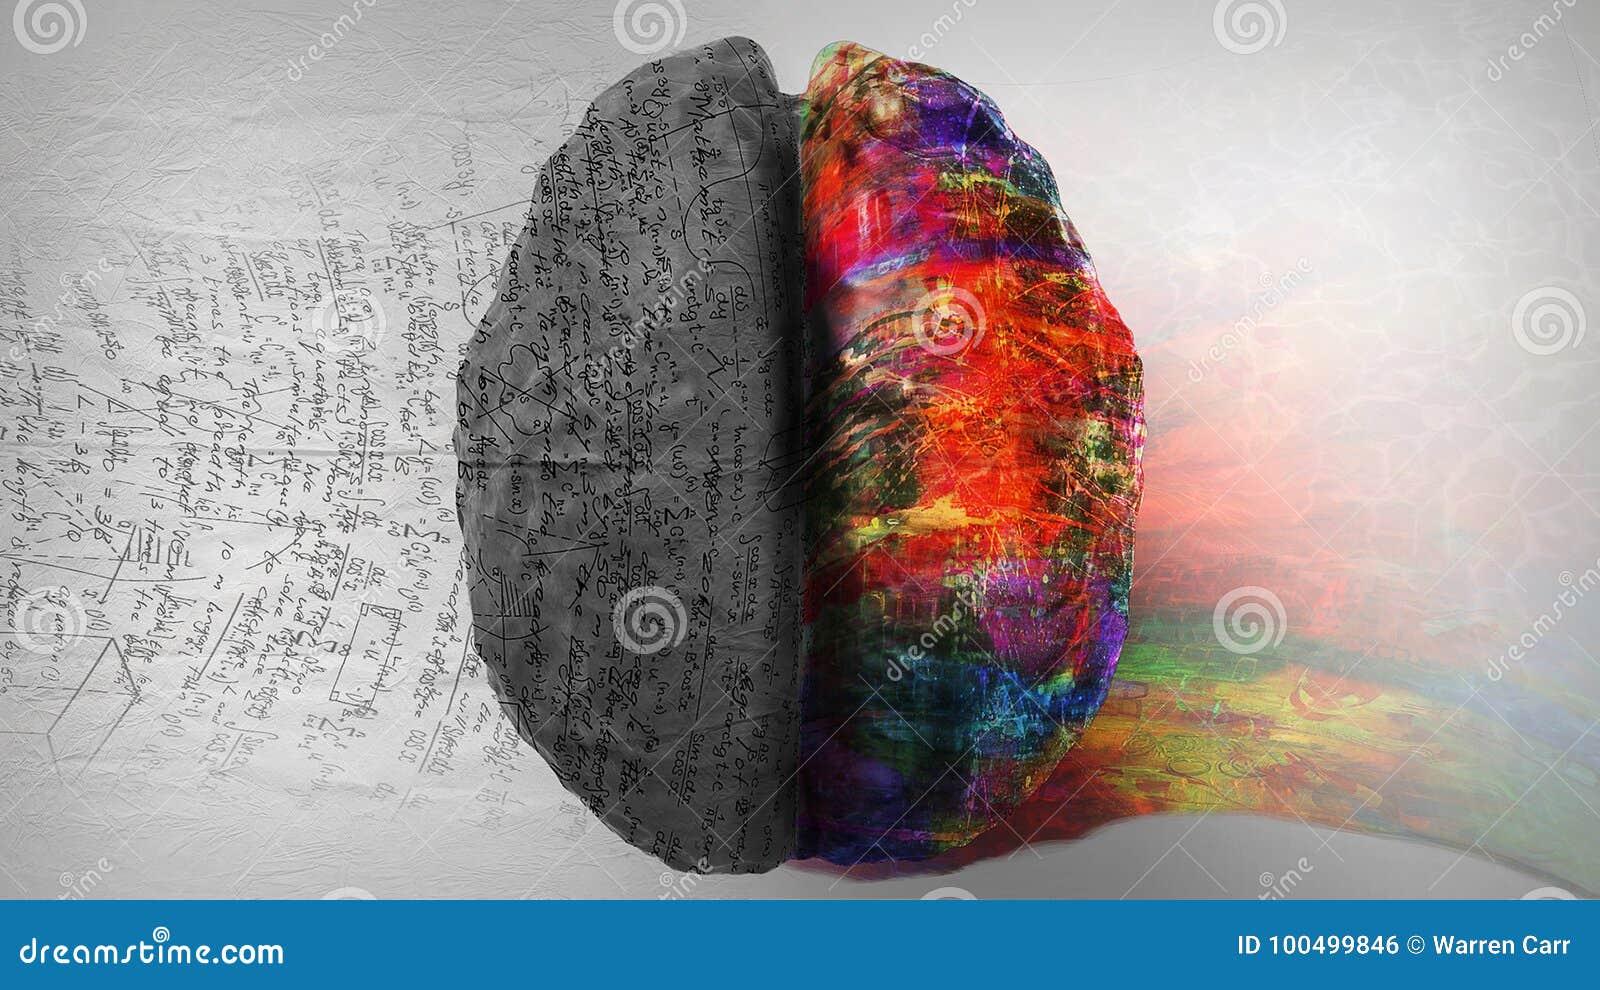 Logik Gegen Kreativität - Rechte Seite/linke Seite Vom Menschlichen ...